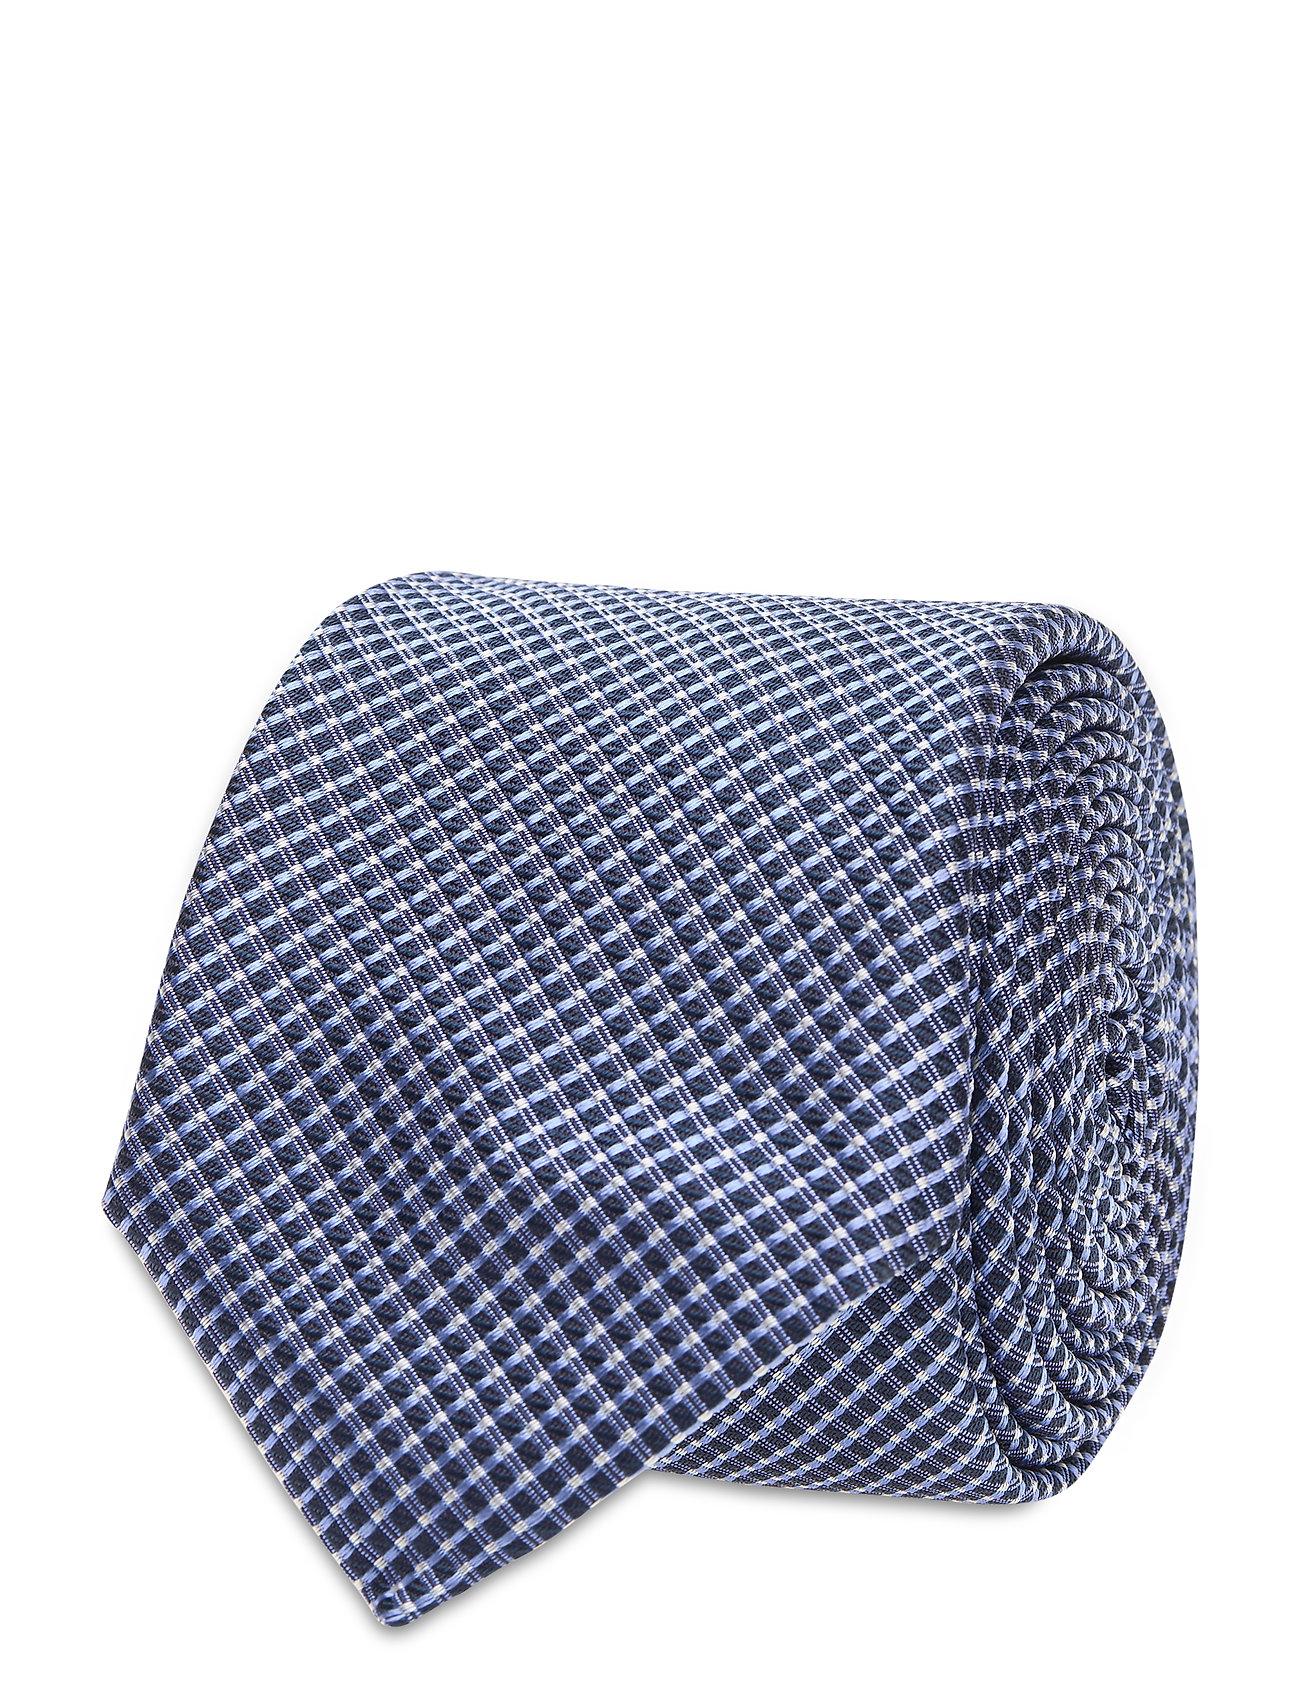 Image of Tie 6 Cm Slips Blå BOSS (3454499863)